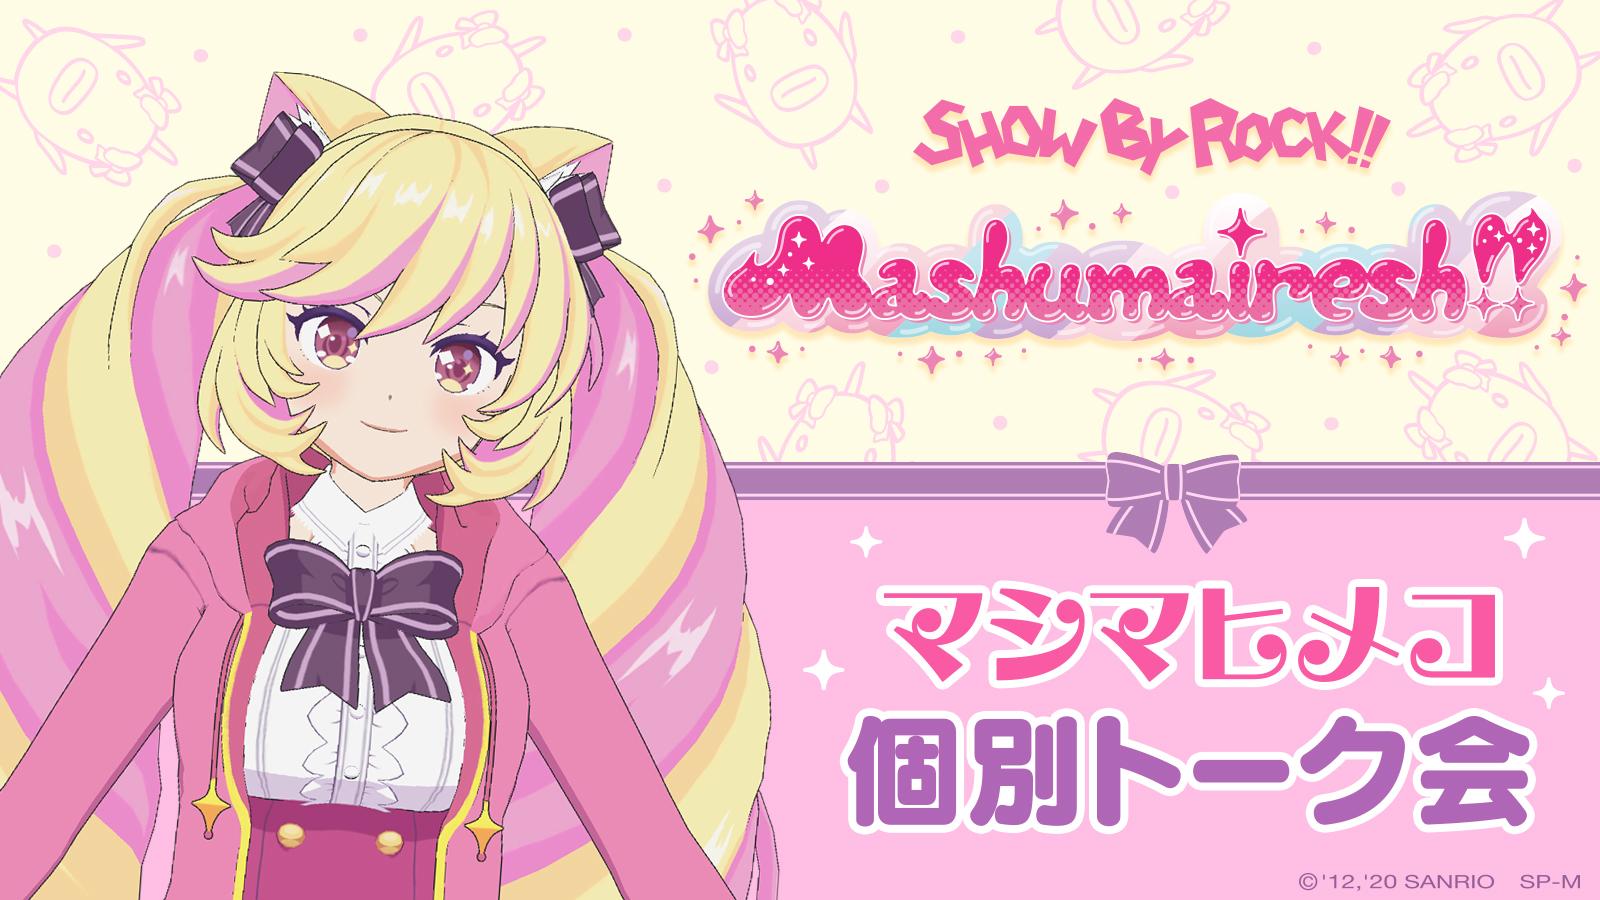 (C) 2012,20 2 0 SANRIO CO.,LTD. SHOWBYROCK!!製作委員会M